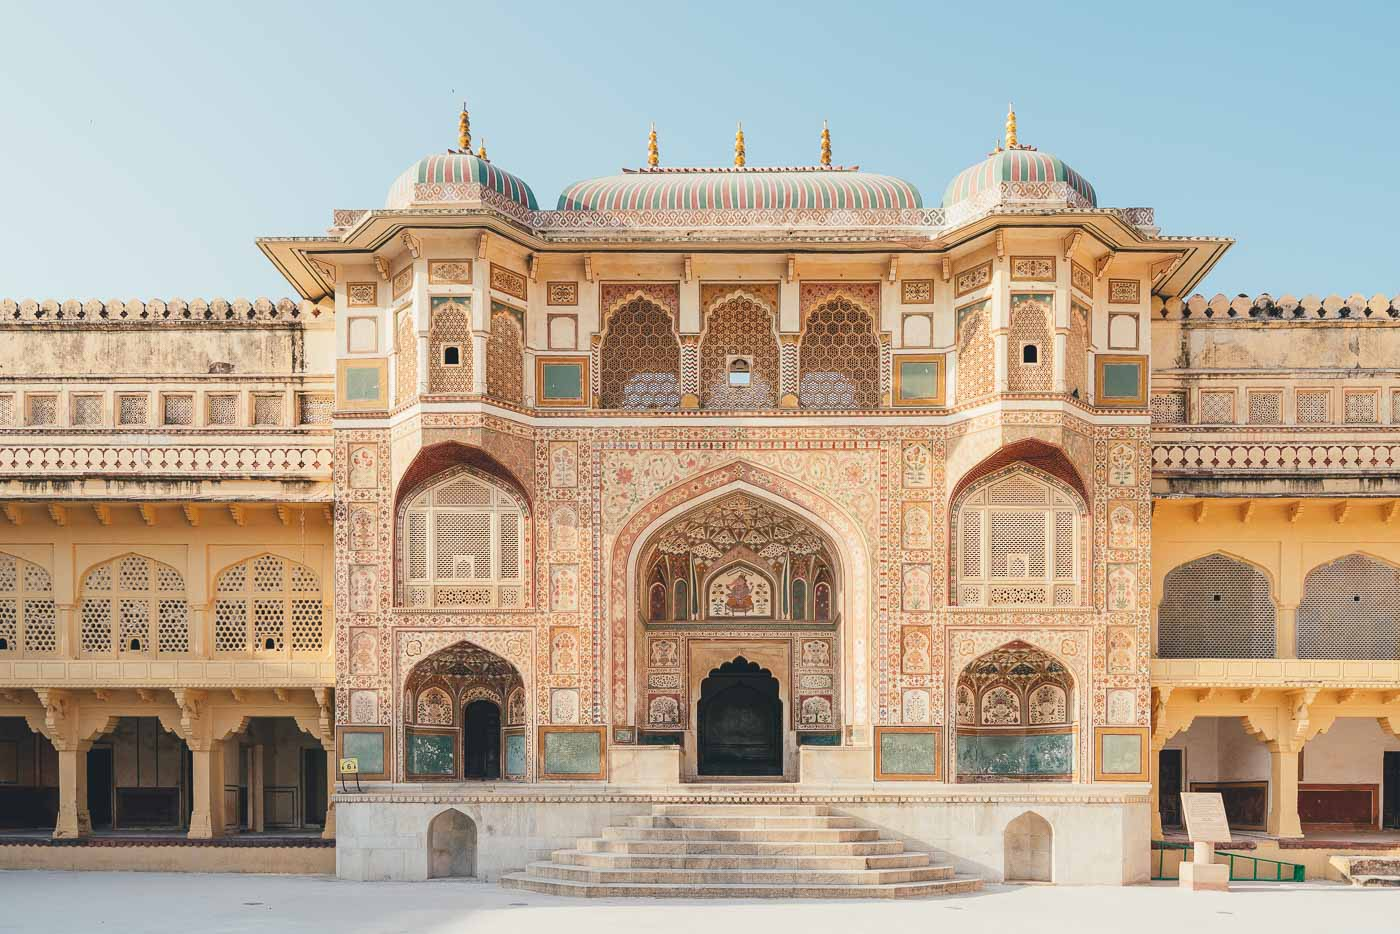 Amber Palace, Jaipur India,